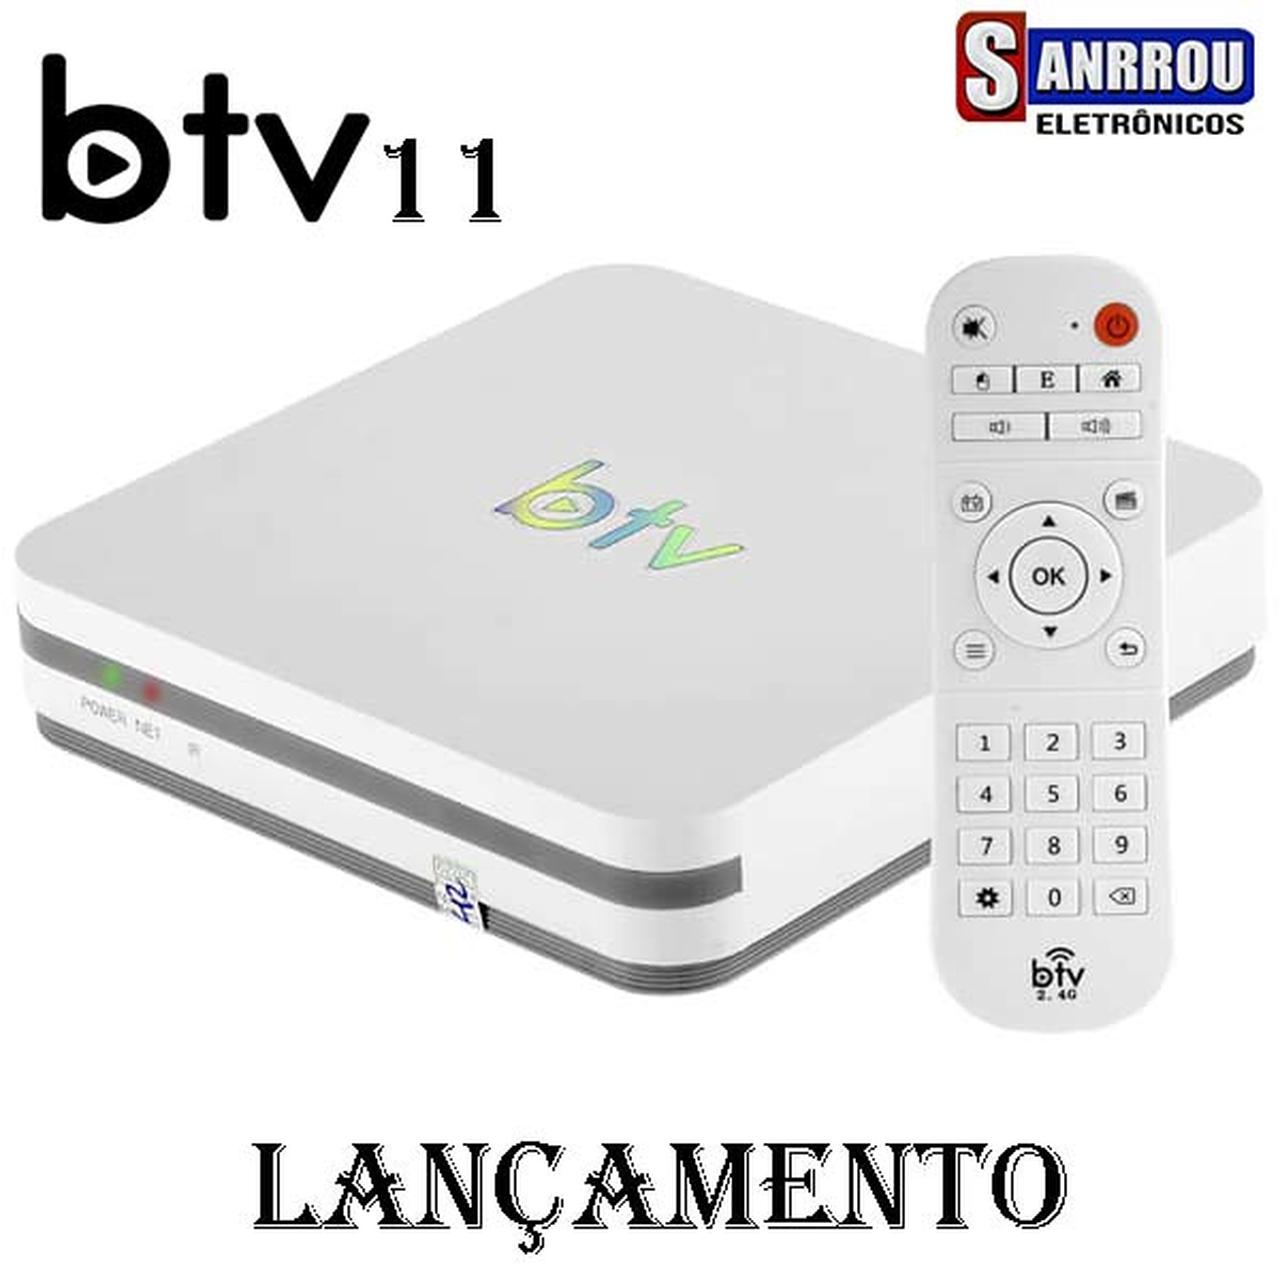 Btv 11  Famoso Btv melhor Box do mercado